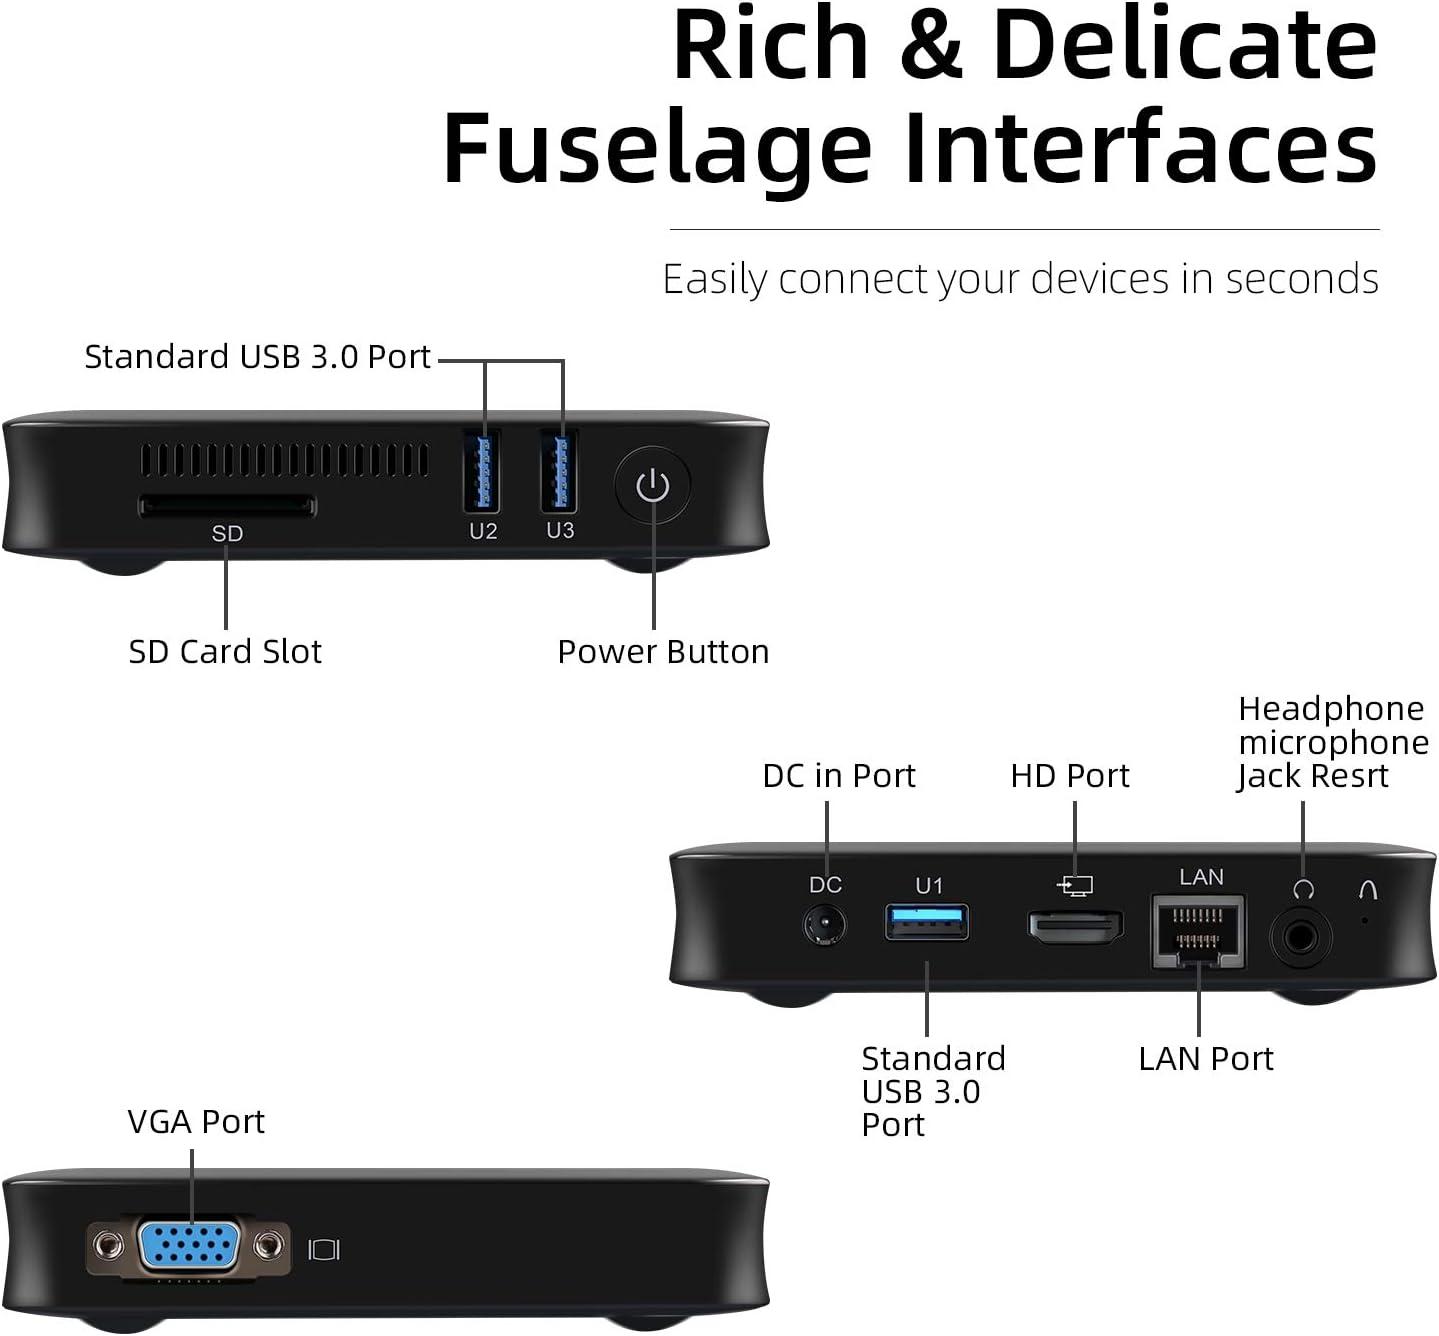 WiFi Double Bande Gigabit Ethernet Connexion HD et VGA Ordinateur de Bureau Windows 10 Micro-Ordinateur /à processeur Double c/œur Intel Celeron Jumper Mini PC 4Go DDR3 64Go eMMC USB 3.0